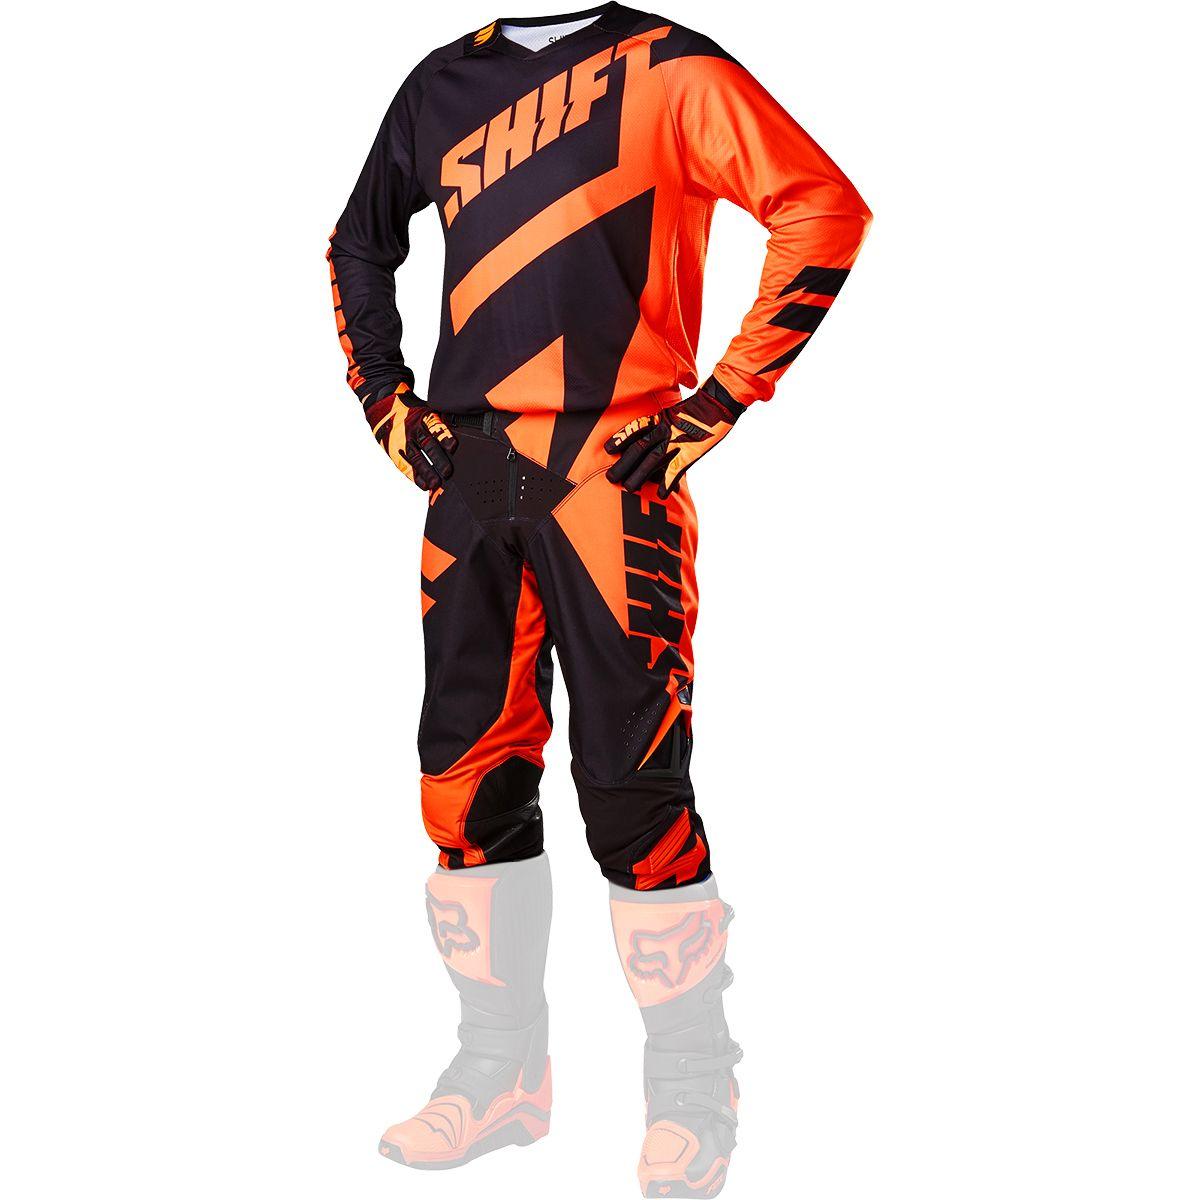 Shift - 2017 3LACK Mainline комплект штаны и джерси, черно-оранжевые